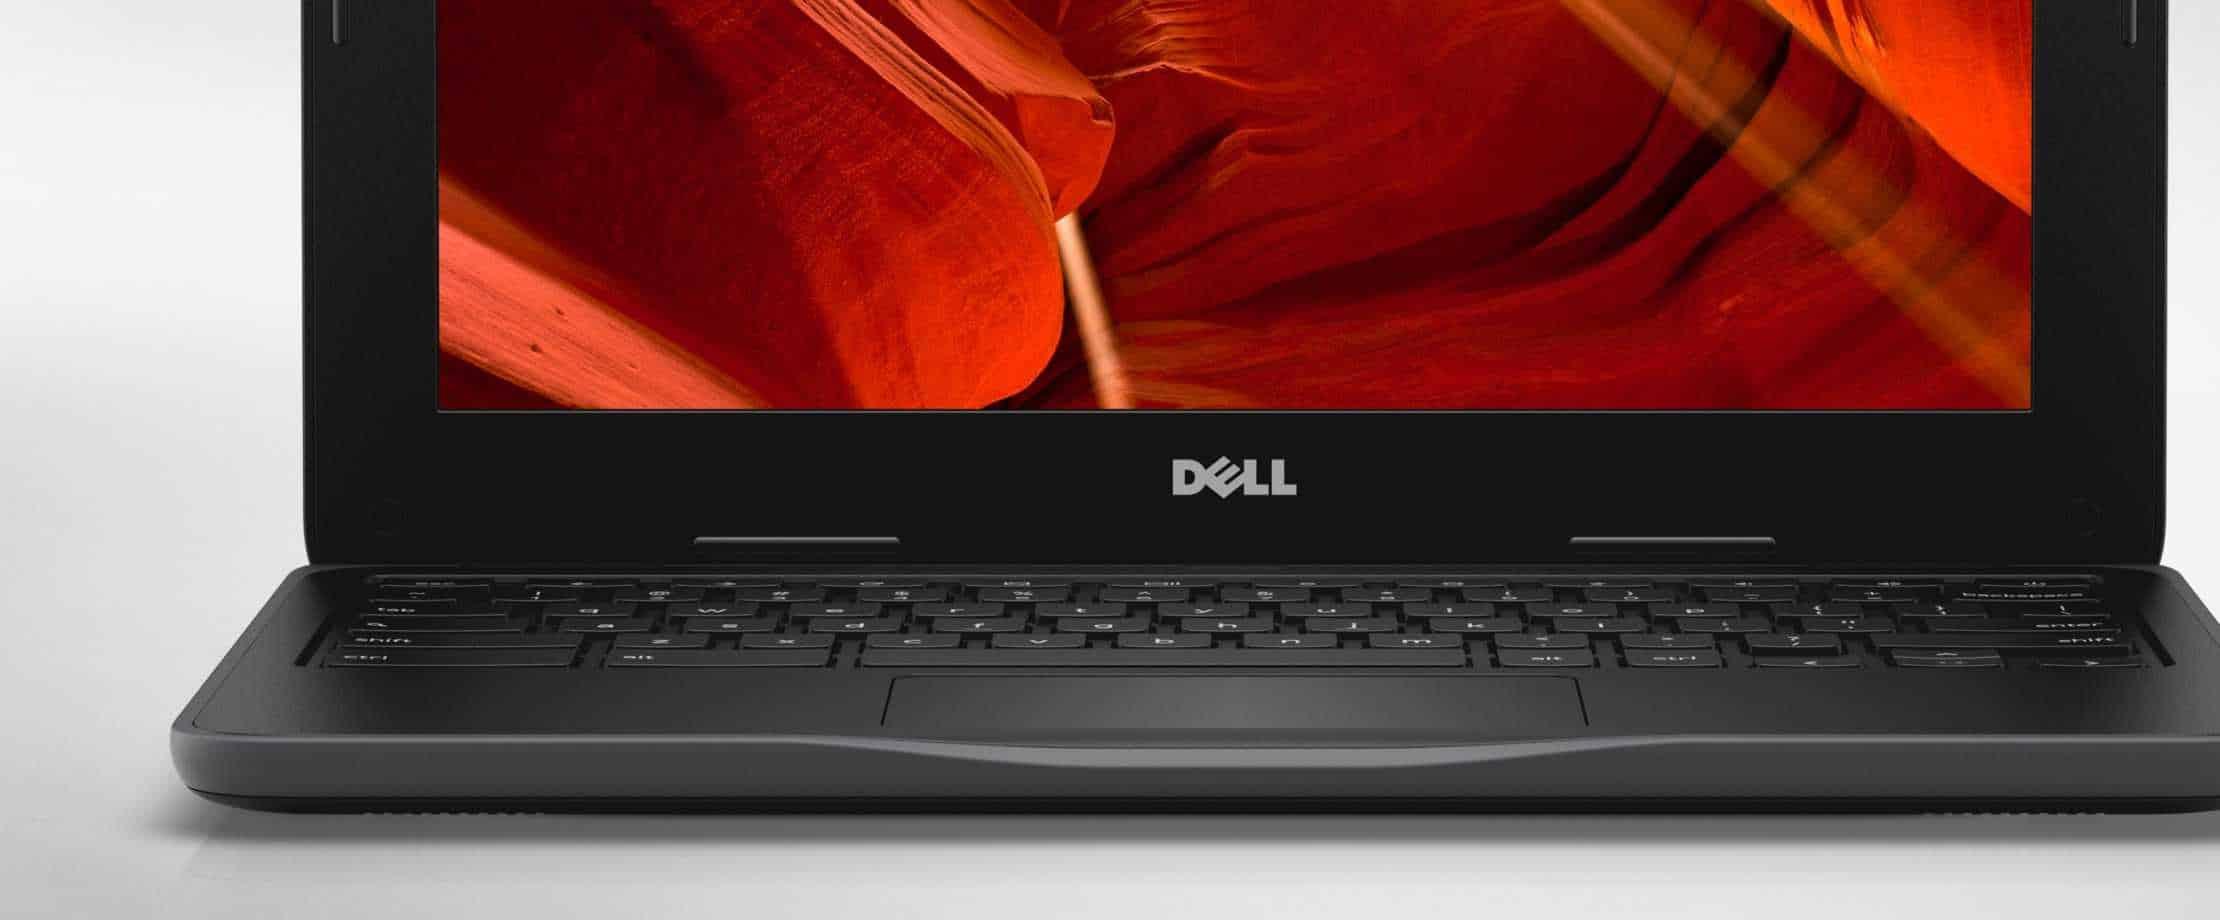 Dell Inspiron Chromebook 11 Press Image 02